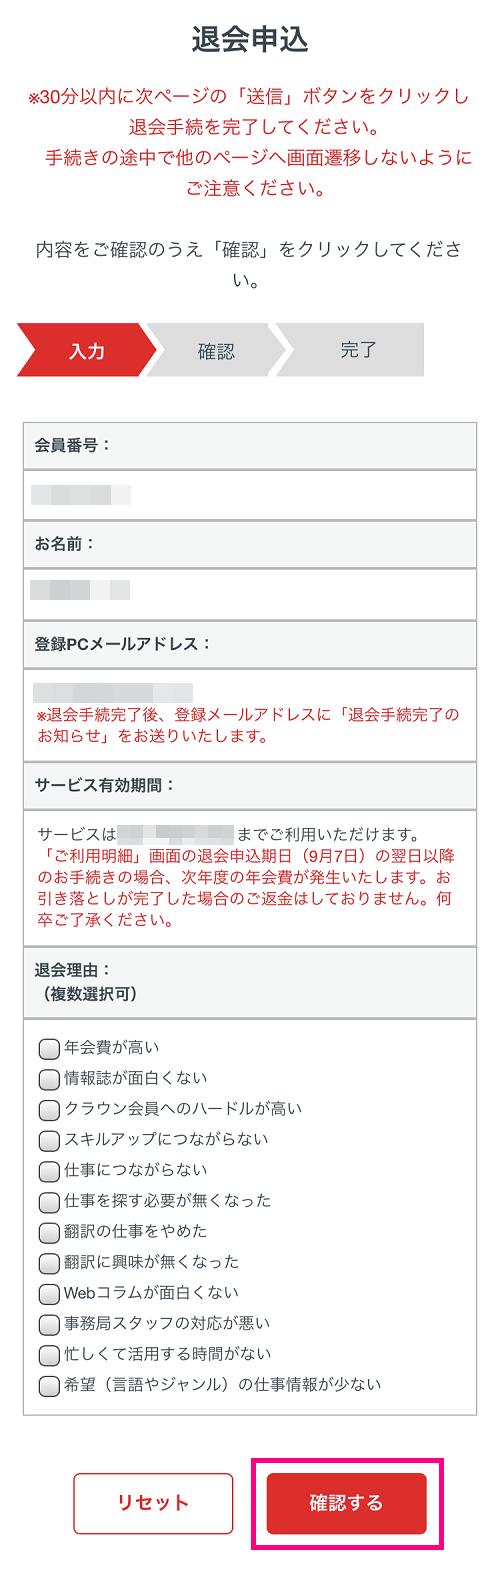 翻訳のアメリア 退会申込フォーム